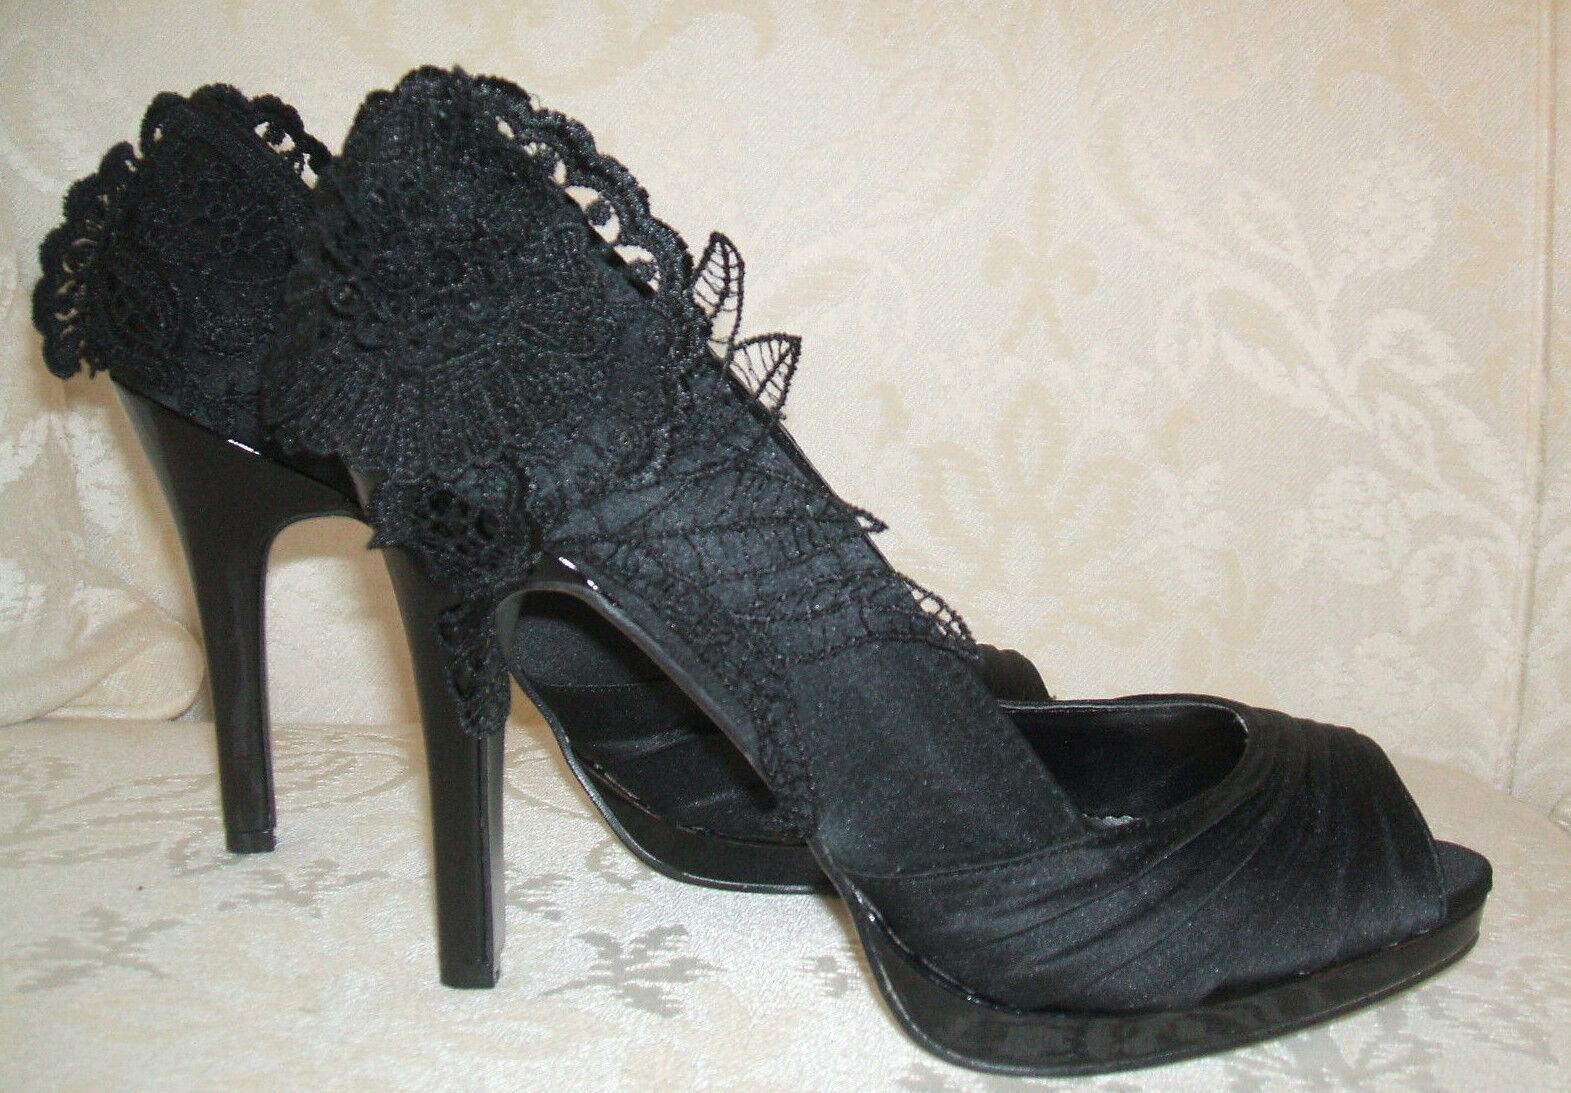 Bnwob Anne Michelle Taille 7 Noir Dentelle Satin brevet Occasion Spéciale cour chaussures